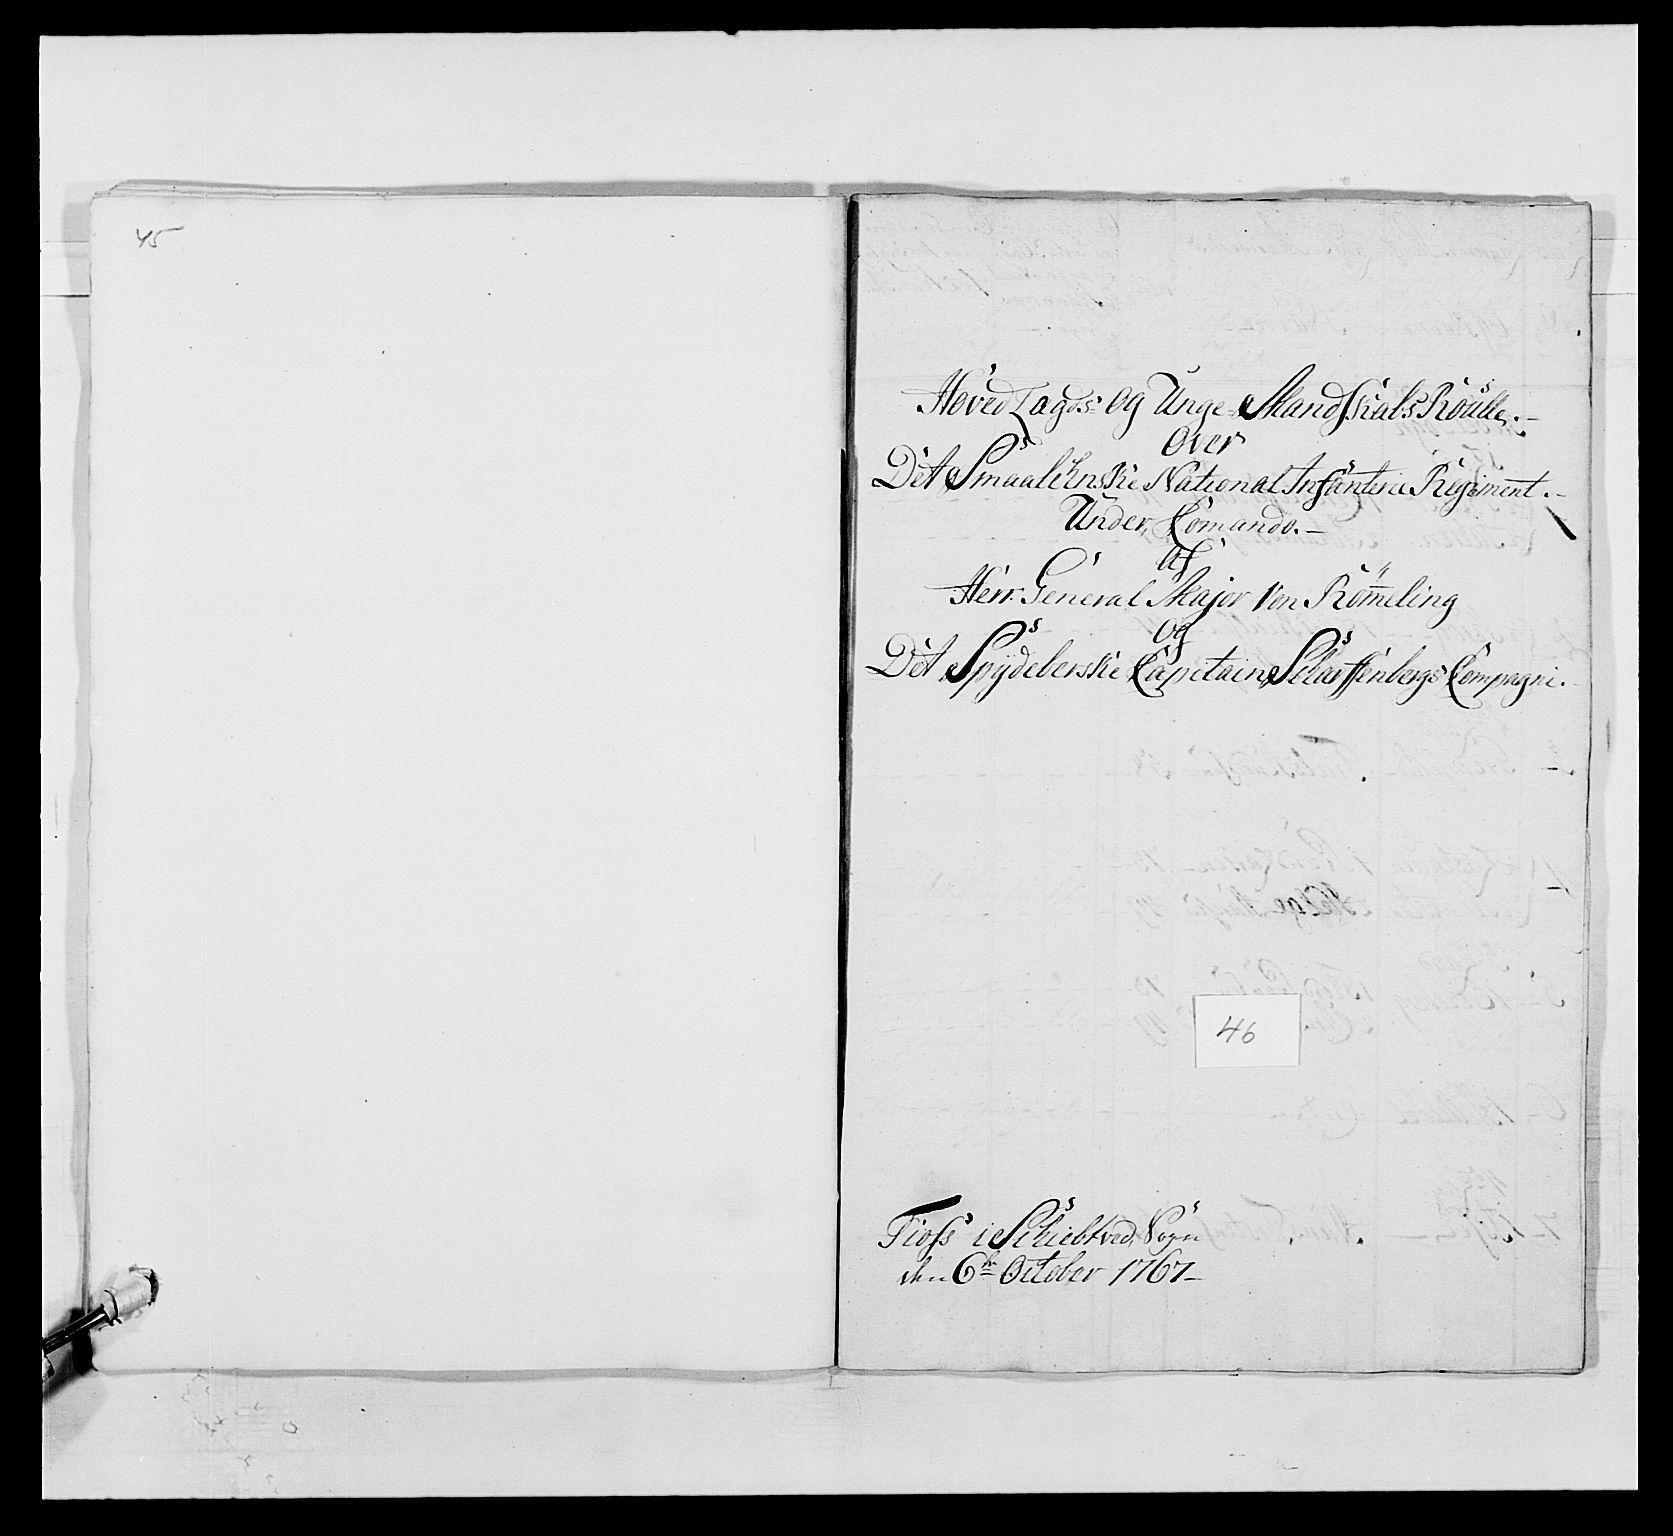 RA, Kommanderende general (KG I) med Det norske krigsdirektorium, E/Ea/L0496: 1. Smålenske regiment, 1765-1767, s. 901